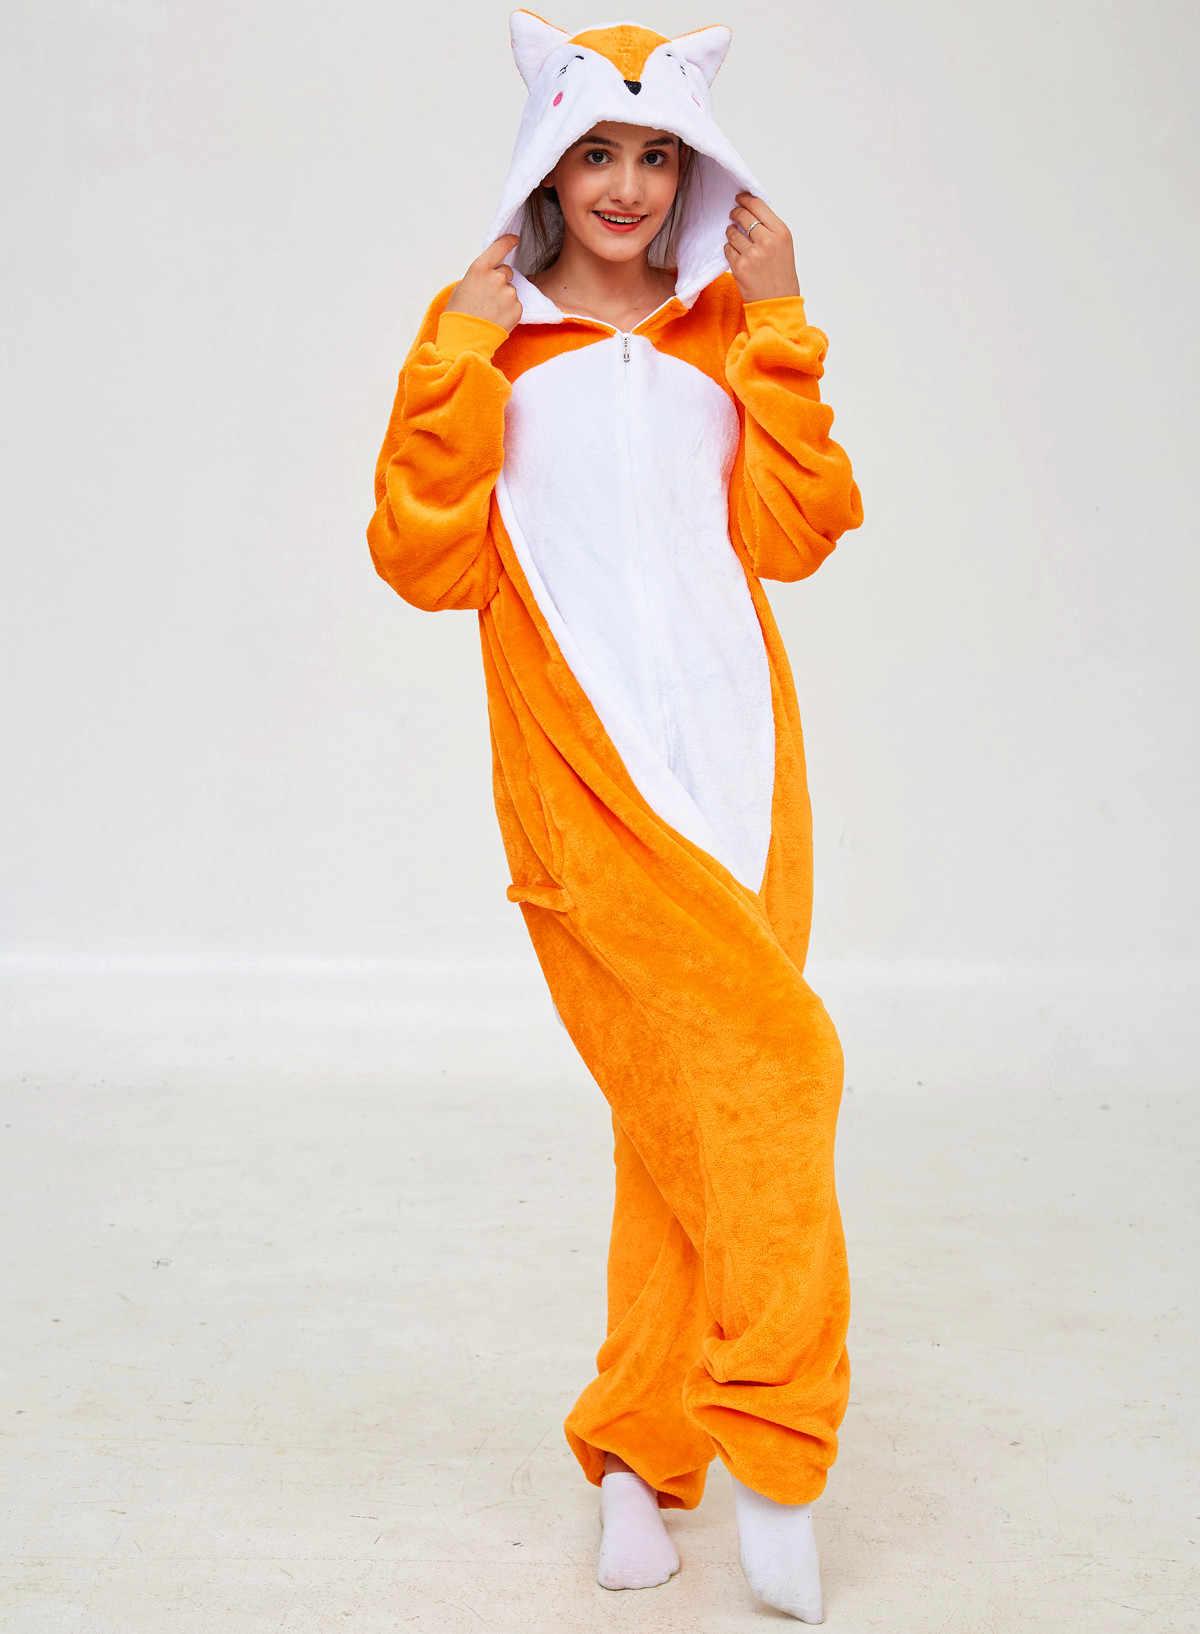 Pijamas de animales de franela de las mujeres de dibujos animados de la vaca Onesie ropa de dormir bot/ón abajo con capucha de una sola pieza ropa de sal/ón pijama mono